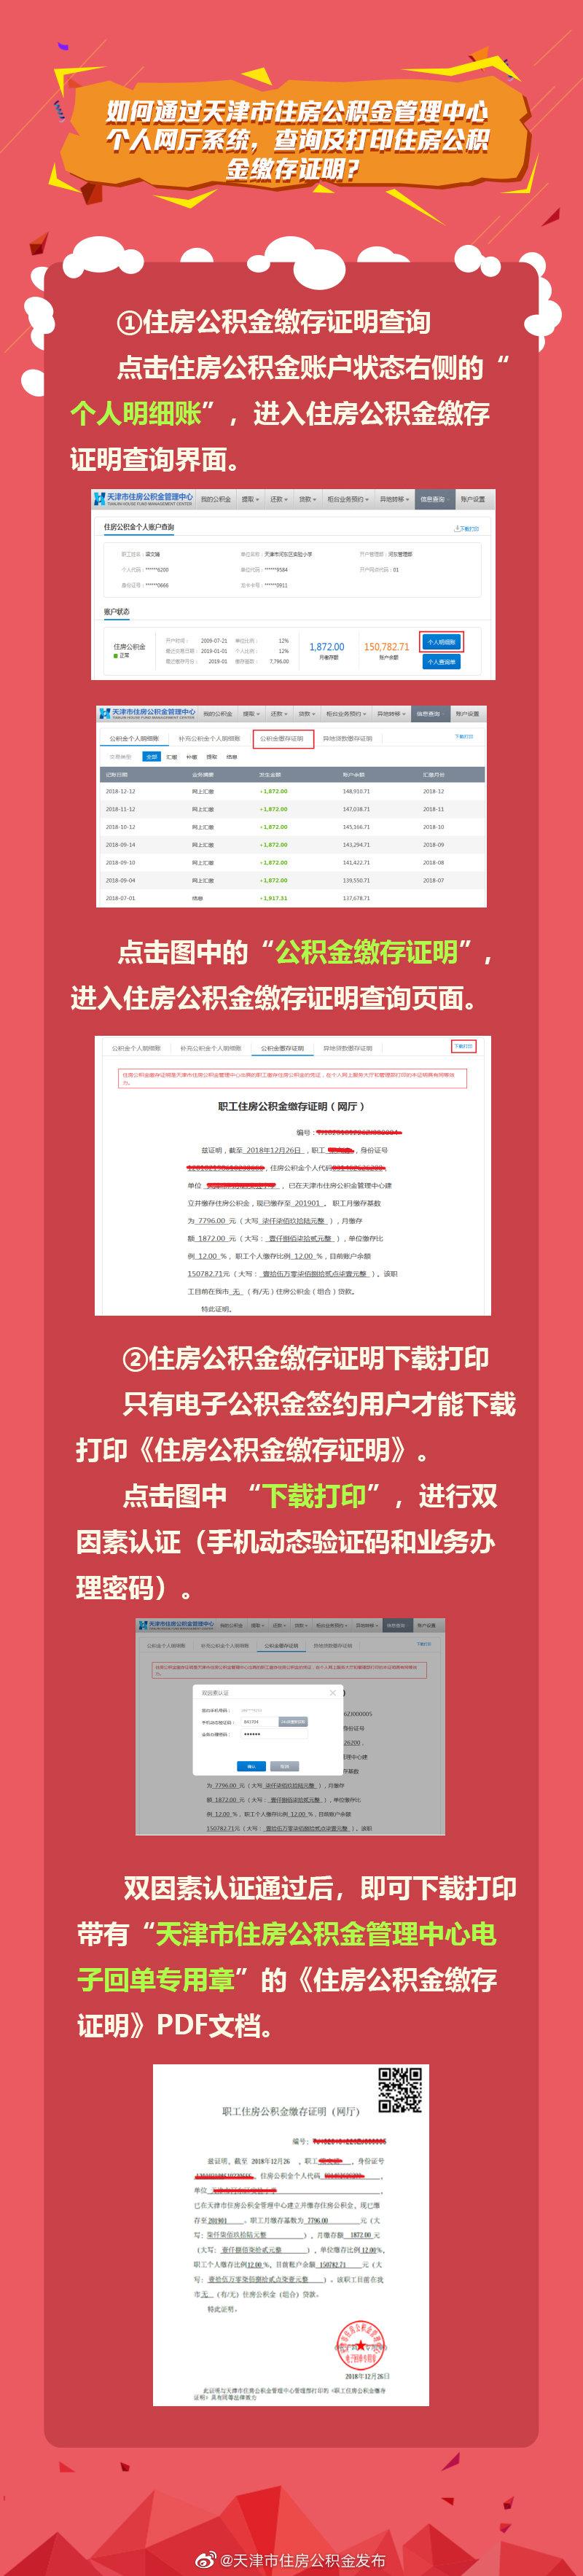 如何通过天津市住房公积金管理中心个人网厅系统